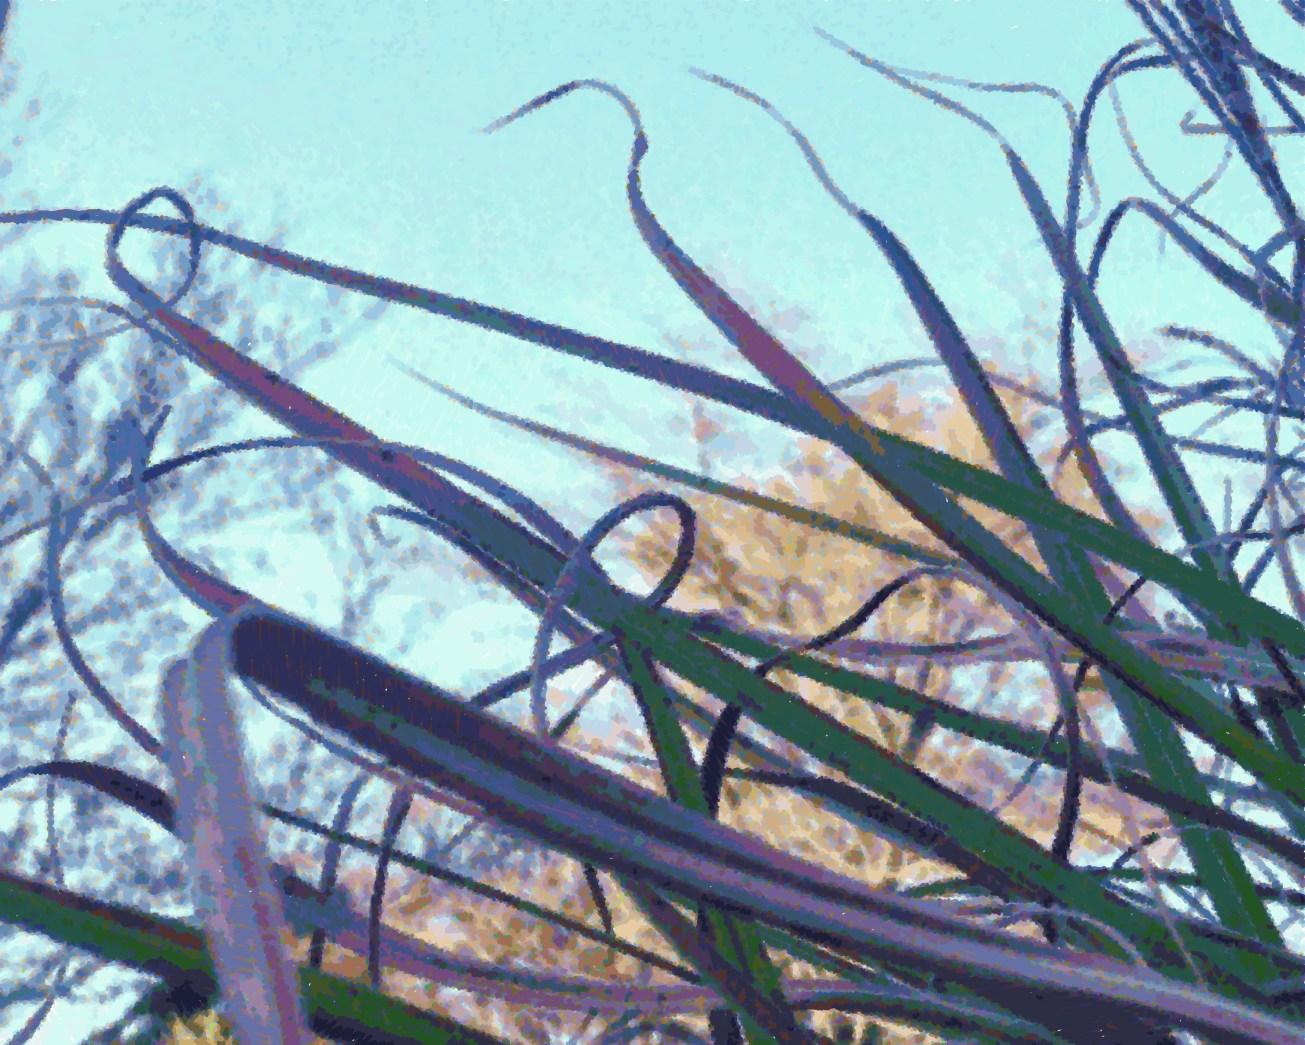 IMG_1304-003 skme purple grass g gall